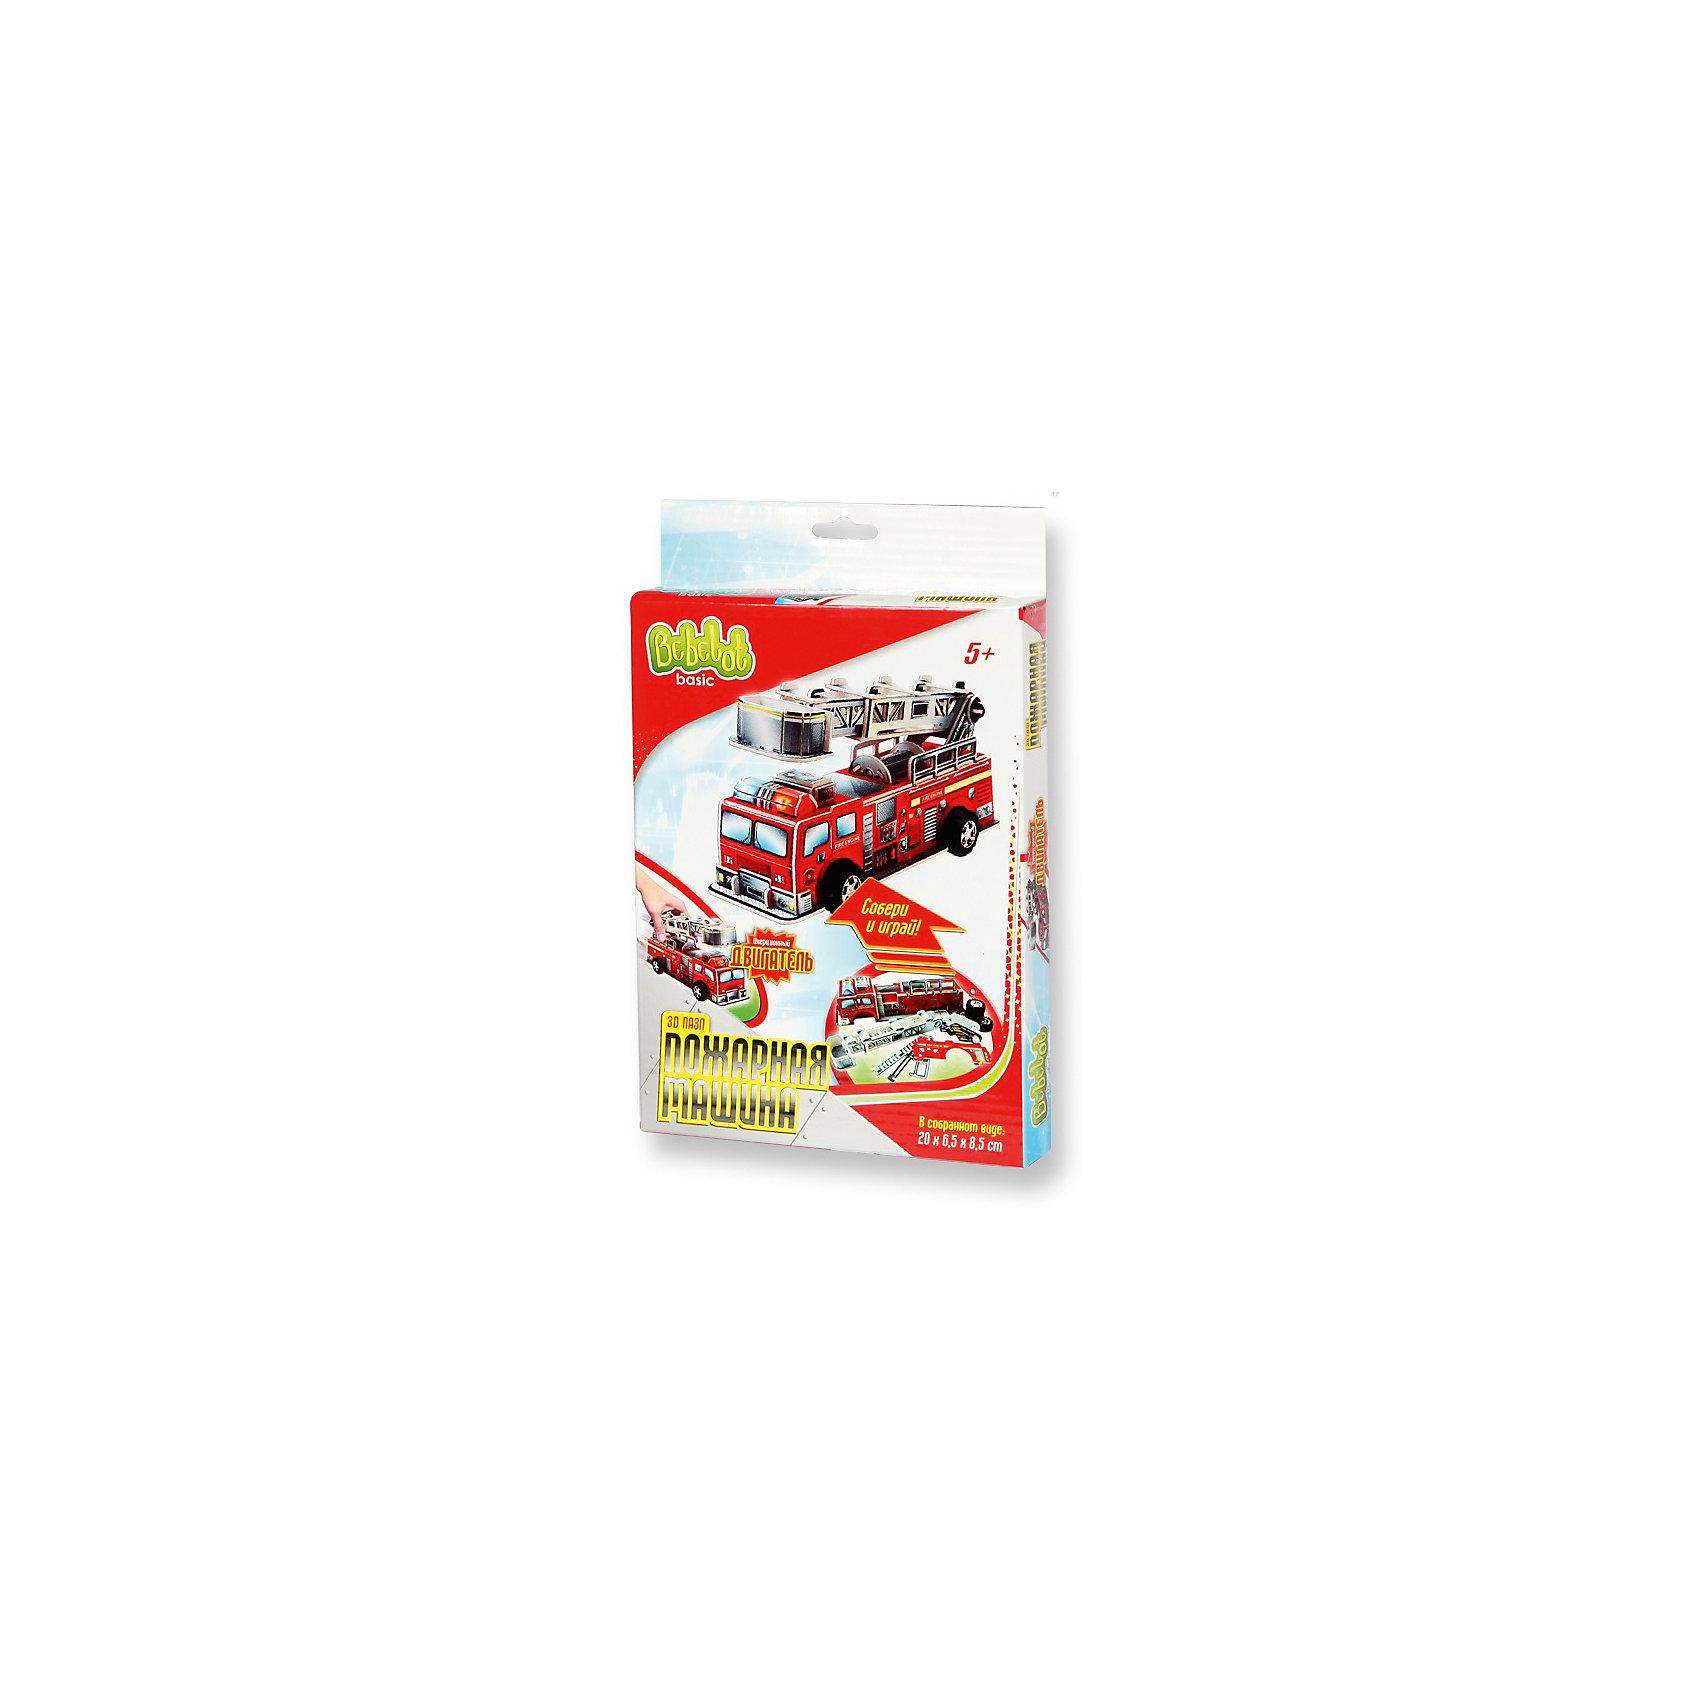 3D пазл Basic Пожарная машина маленькая, Bebelot3D пазлы<br>Характеристики товара:<br><br>• возраст от 3 лет;<br>• материал: пластик, картон, металл;<br>• в наборе: 4 листа пенокартона, 4 колеса, 2 оси, двигатель, инструкция;<br>• размер машины 20х8,5х6,5 см;<br>• размер упаковки 25х15х3 см;<br>• вес упаковки 165 гр.;<br>• страна производитель: Китай.<br><br>3D пазл Basic «Пожарная машина маленькая» Bebelot позволит создать объемную модель пожарной машины. Машина работает от инерционного двигателя и ездит по поверхности. С ней можно придумывать сюжеты для игры, приезжая вовремя на тушение пожаров и спасая людей. Сборка пазла развивает у детей мышление, усидчивость, внимательность.<br><br>3D пазл Basic «Пожарная машина маленькая» Bebelot можно приобрести в нашем интернет-магазине.<br><br>Ширина мм: 150<br>Глубина мм: 250<br>Высота мм: 30<br>Вес г: 155<br>Возраст от месяцев: 36<br>Возраст до месяцев: 72<br>Пол: Мужской<br>Возраст: Детский<br>SKU: 5581223